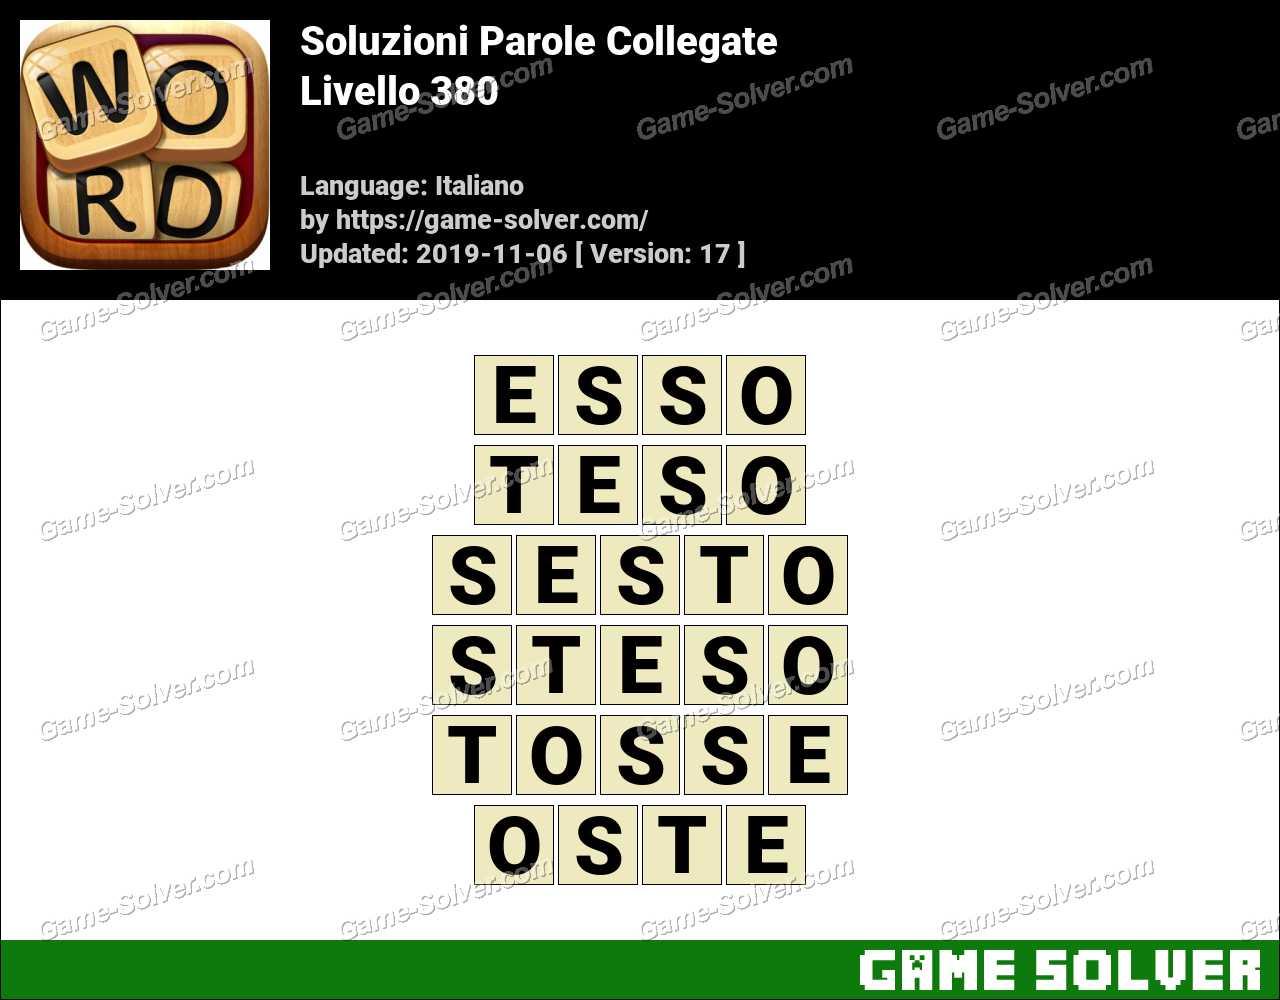 Soluzioni Parole Collegate Livello 380